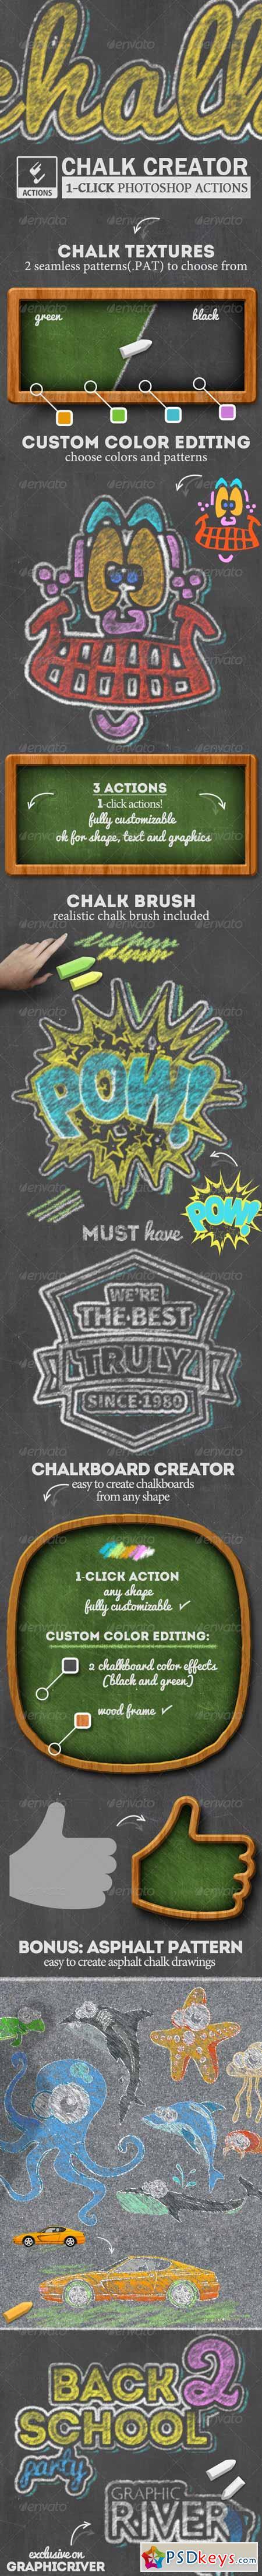 Chalk and Chalkboard Photoshop Creator 8174689